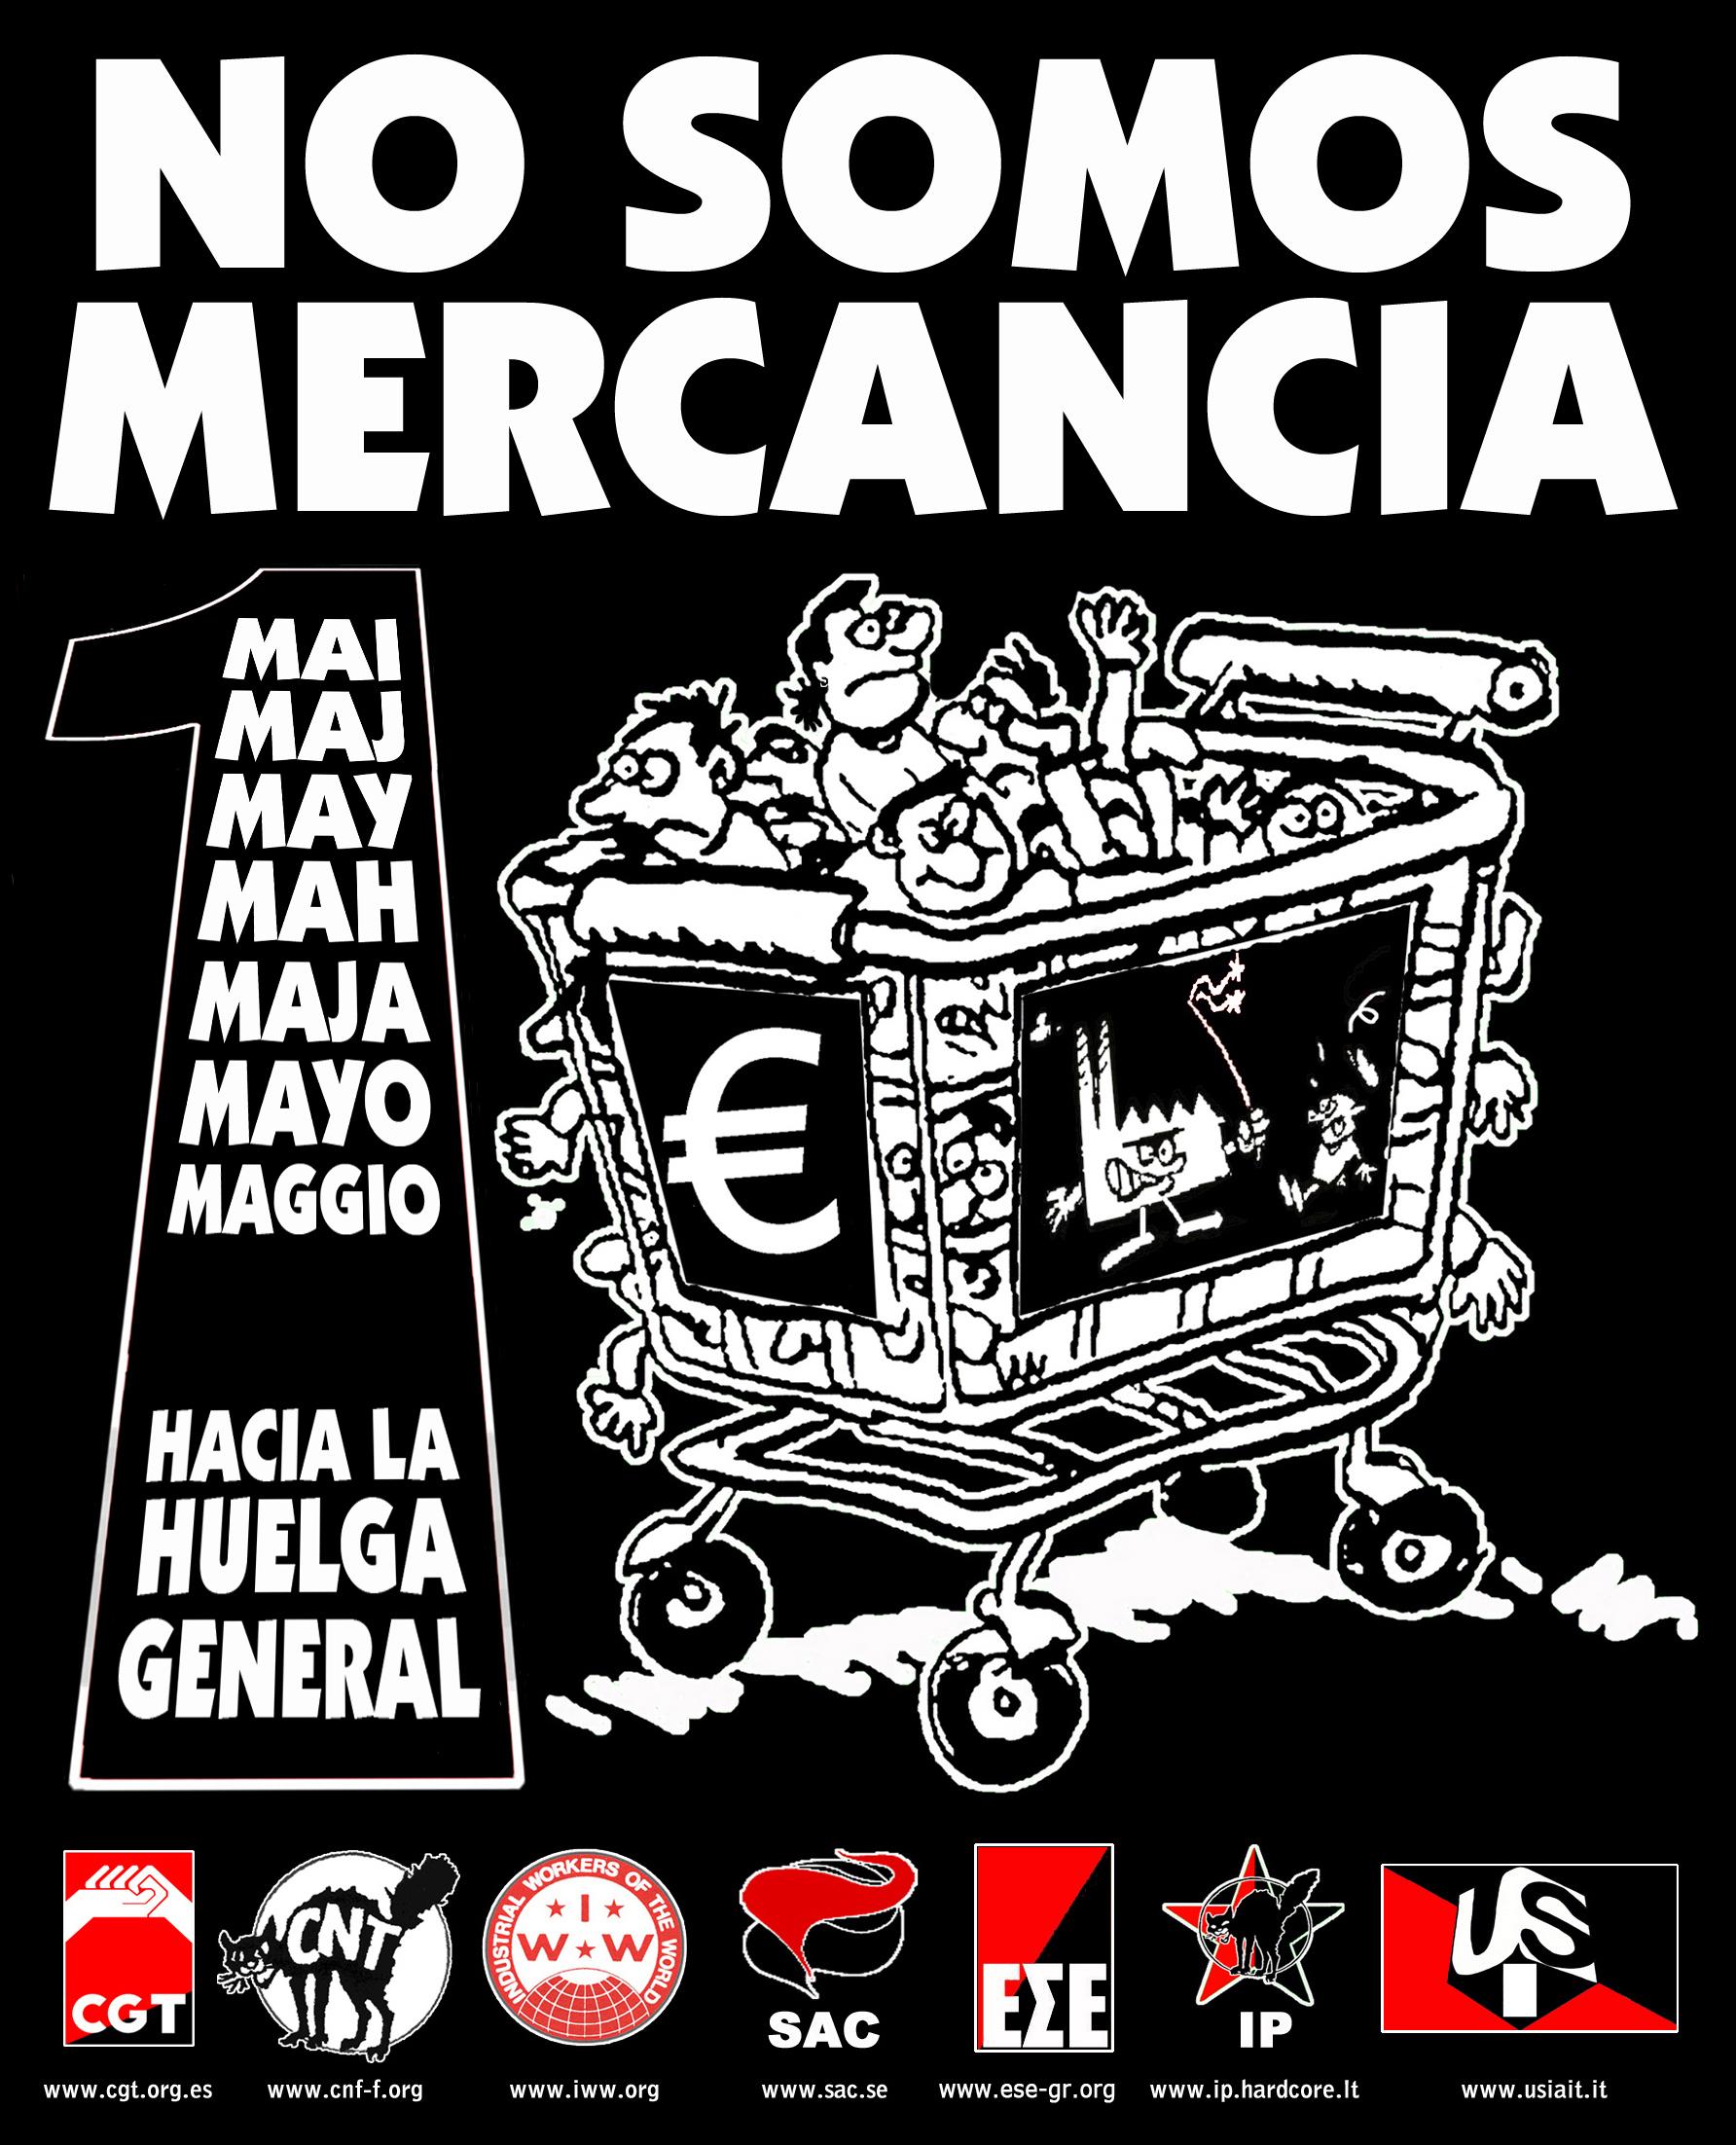 NO_SOMOS_MERCANCIA_1_DE_MAYO_CASTELLANO